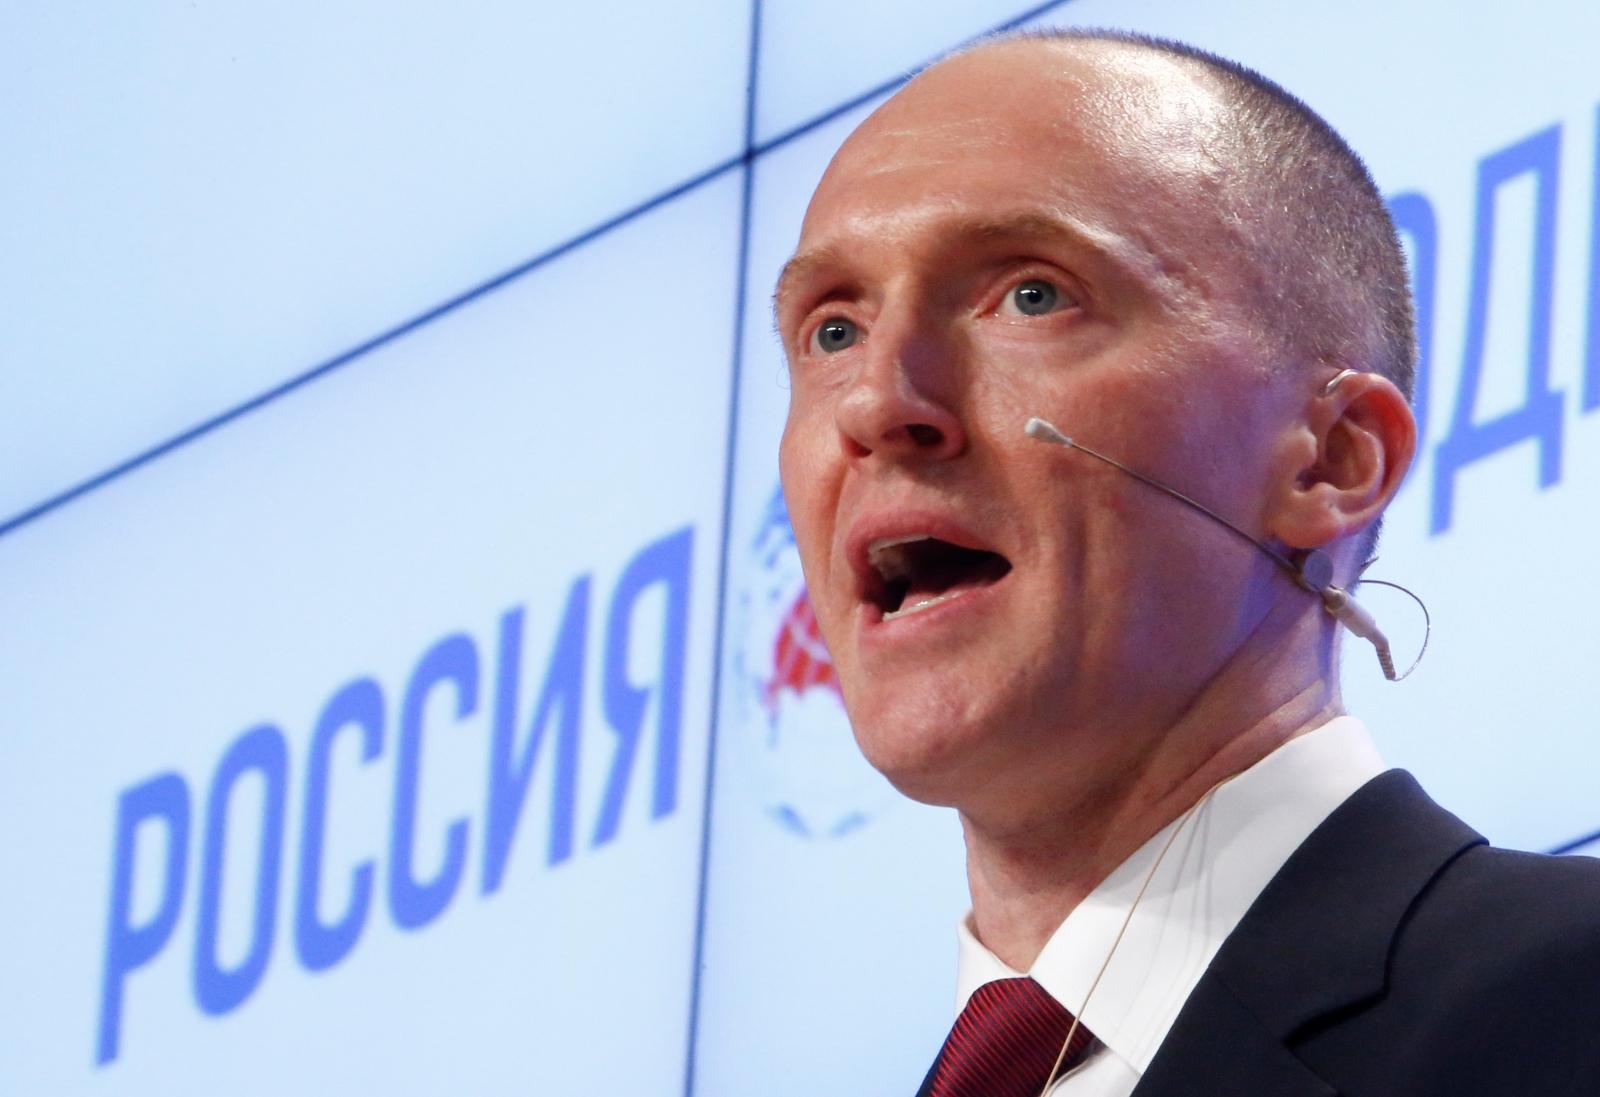 USA-TRUMP/RUSSIA